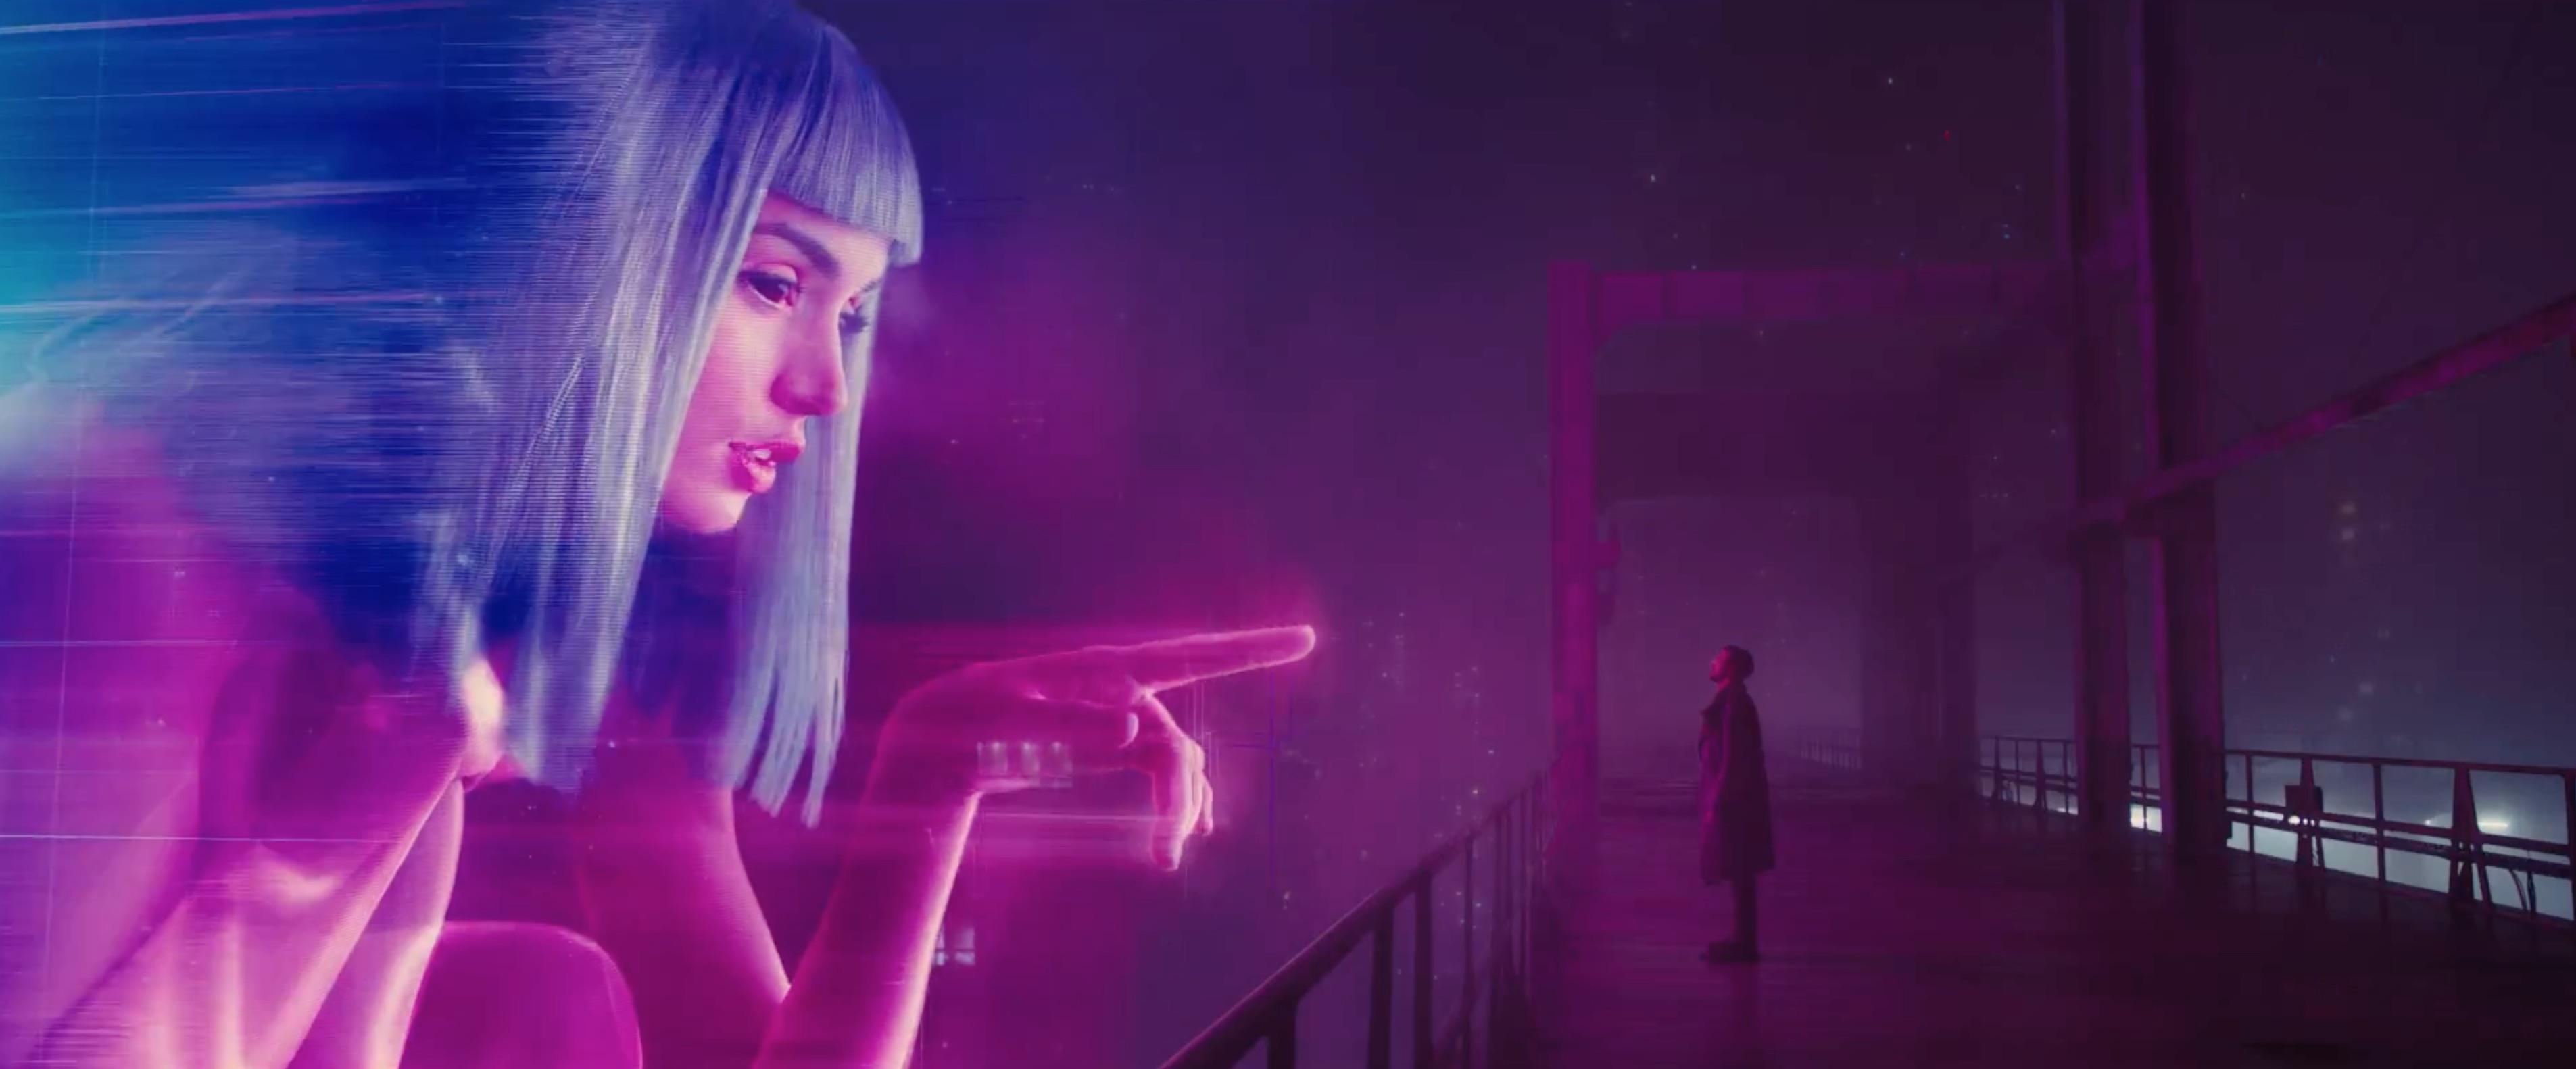 Blade Runner 2049 - PosterSpy